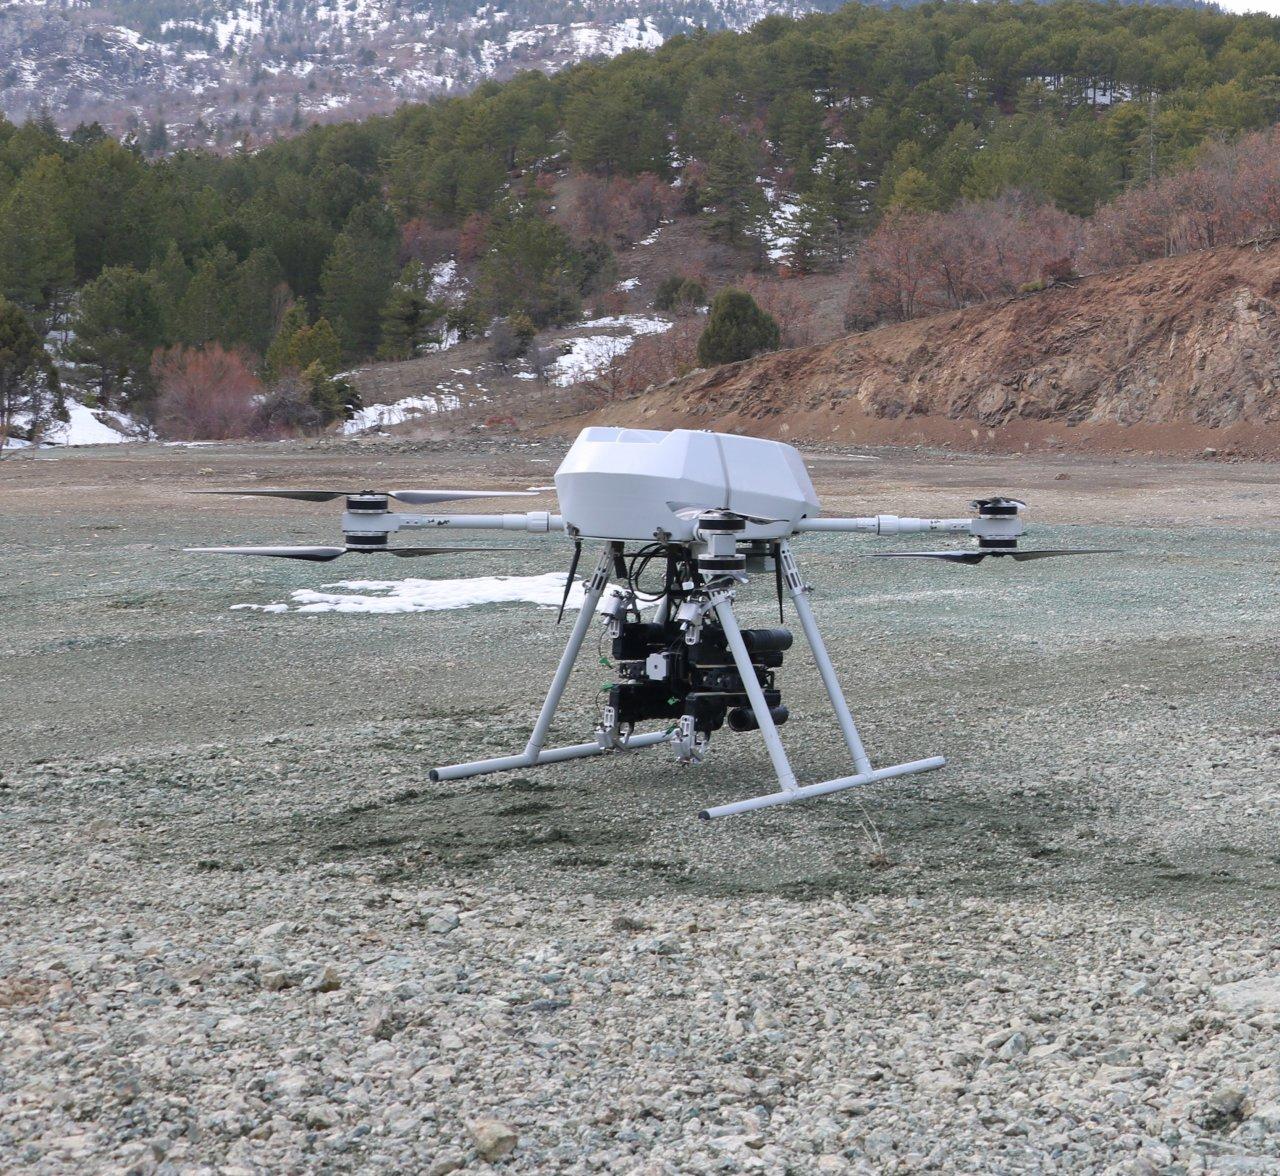 turkiyenin-ilk-milli-bomba-atarli-dronu-songar-3674-dhaphoto2.jpg